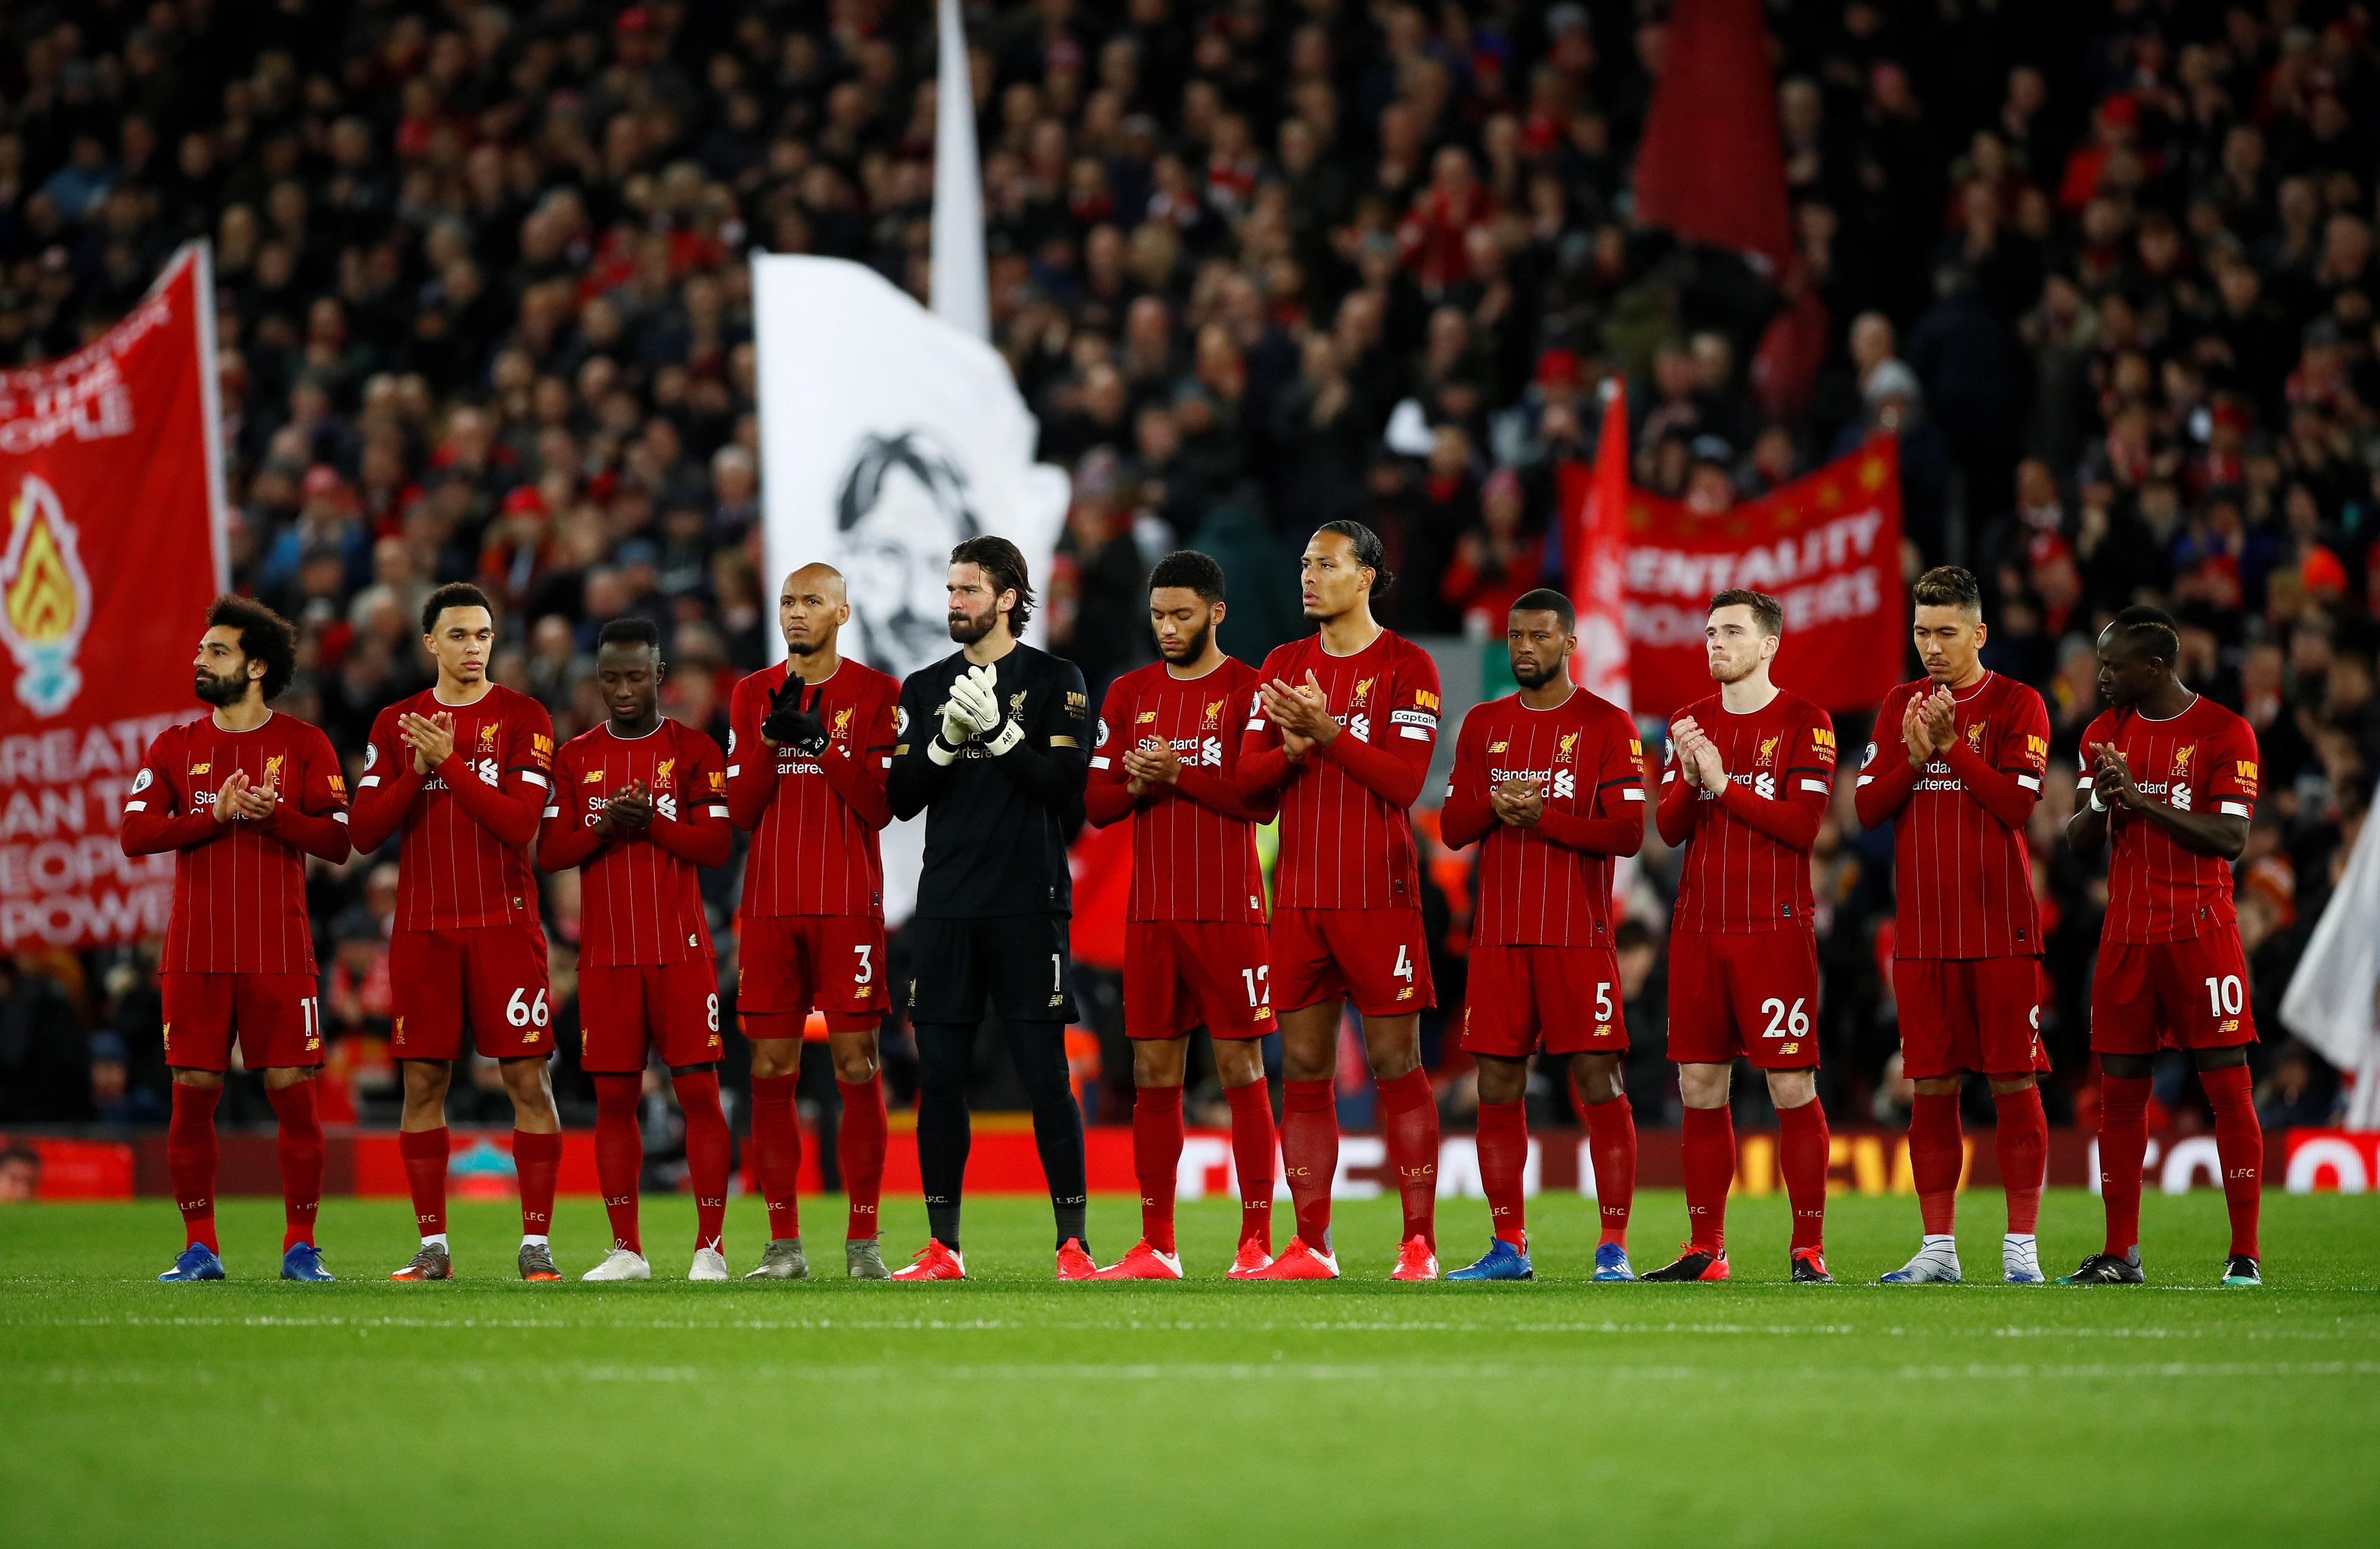 Football - Ligue des champions - Liverpool : Eux, ils ne marcheront pas seuls